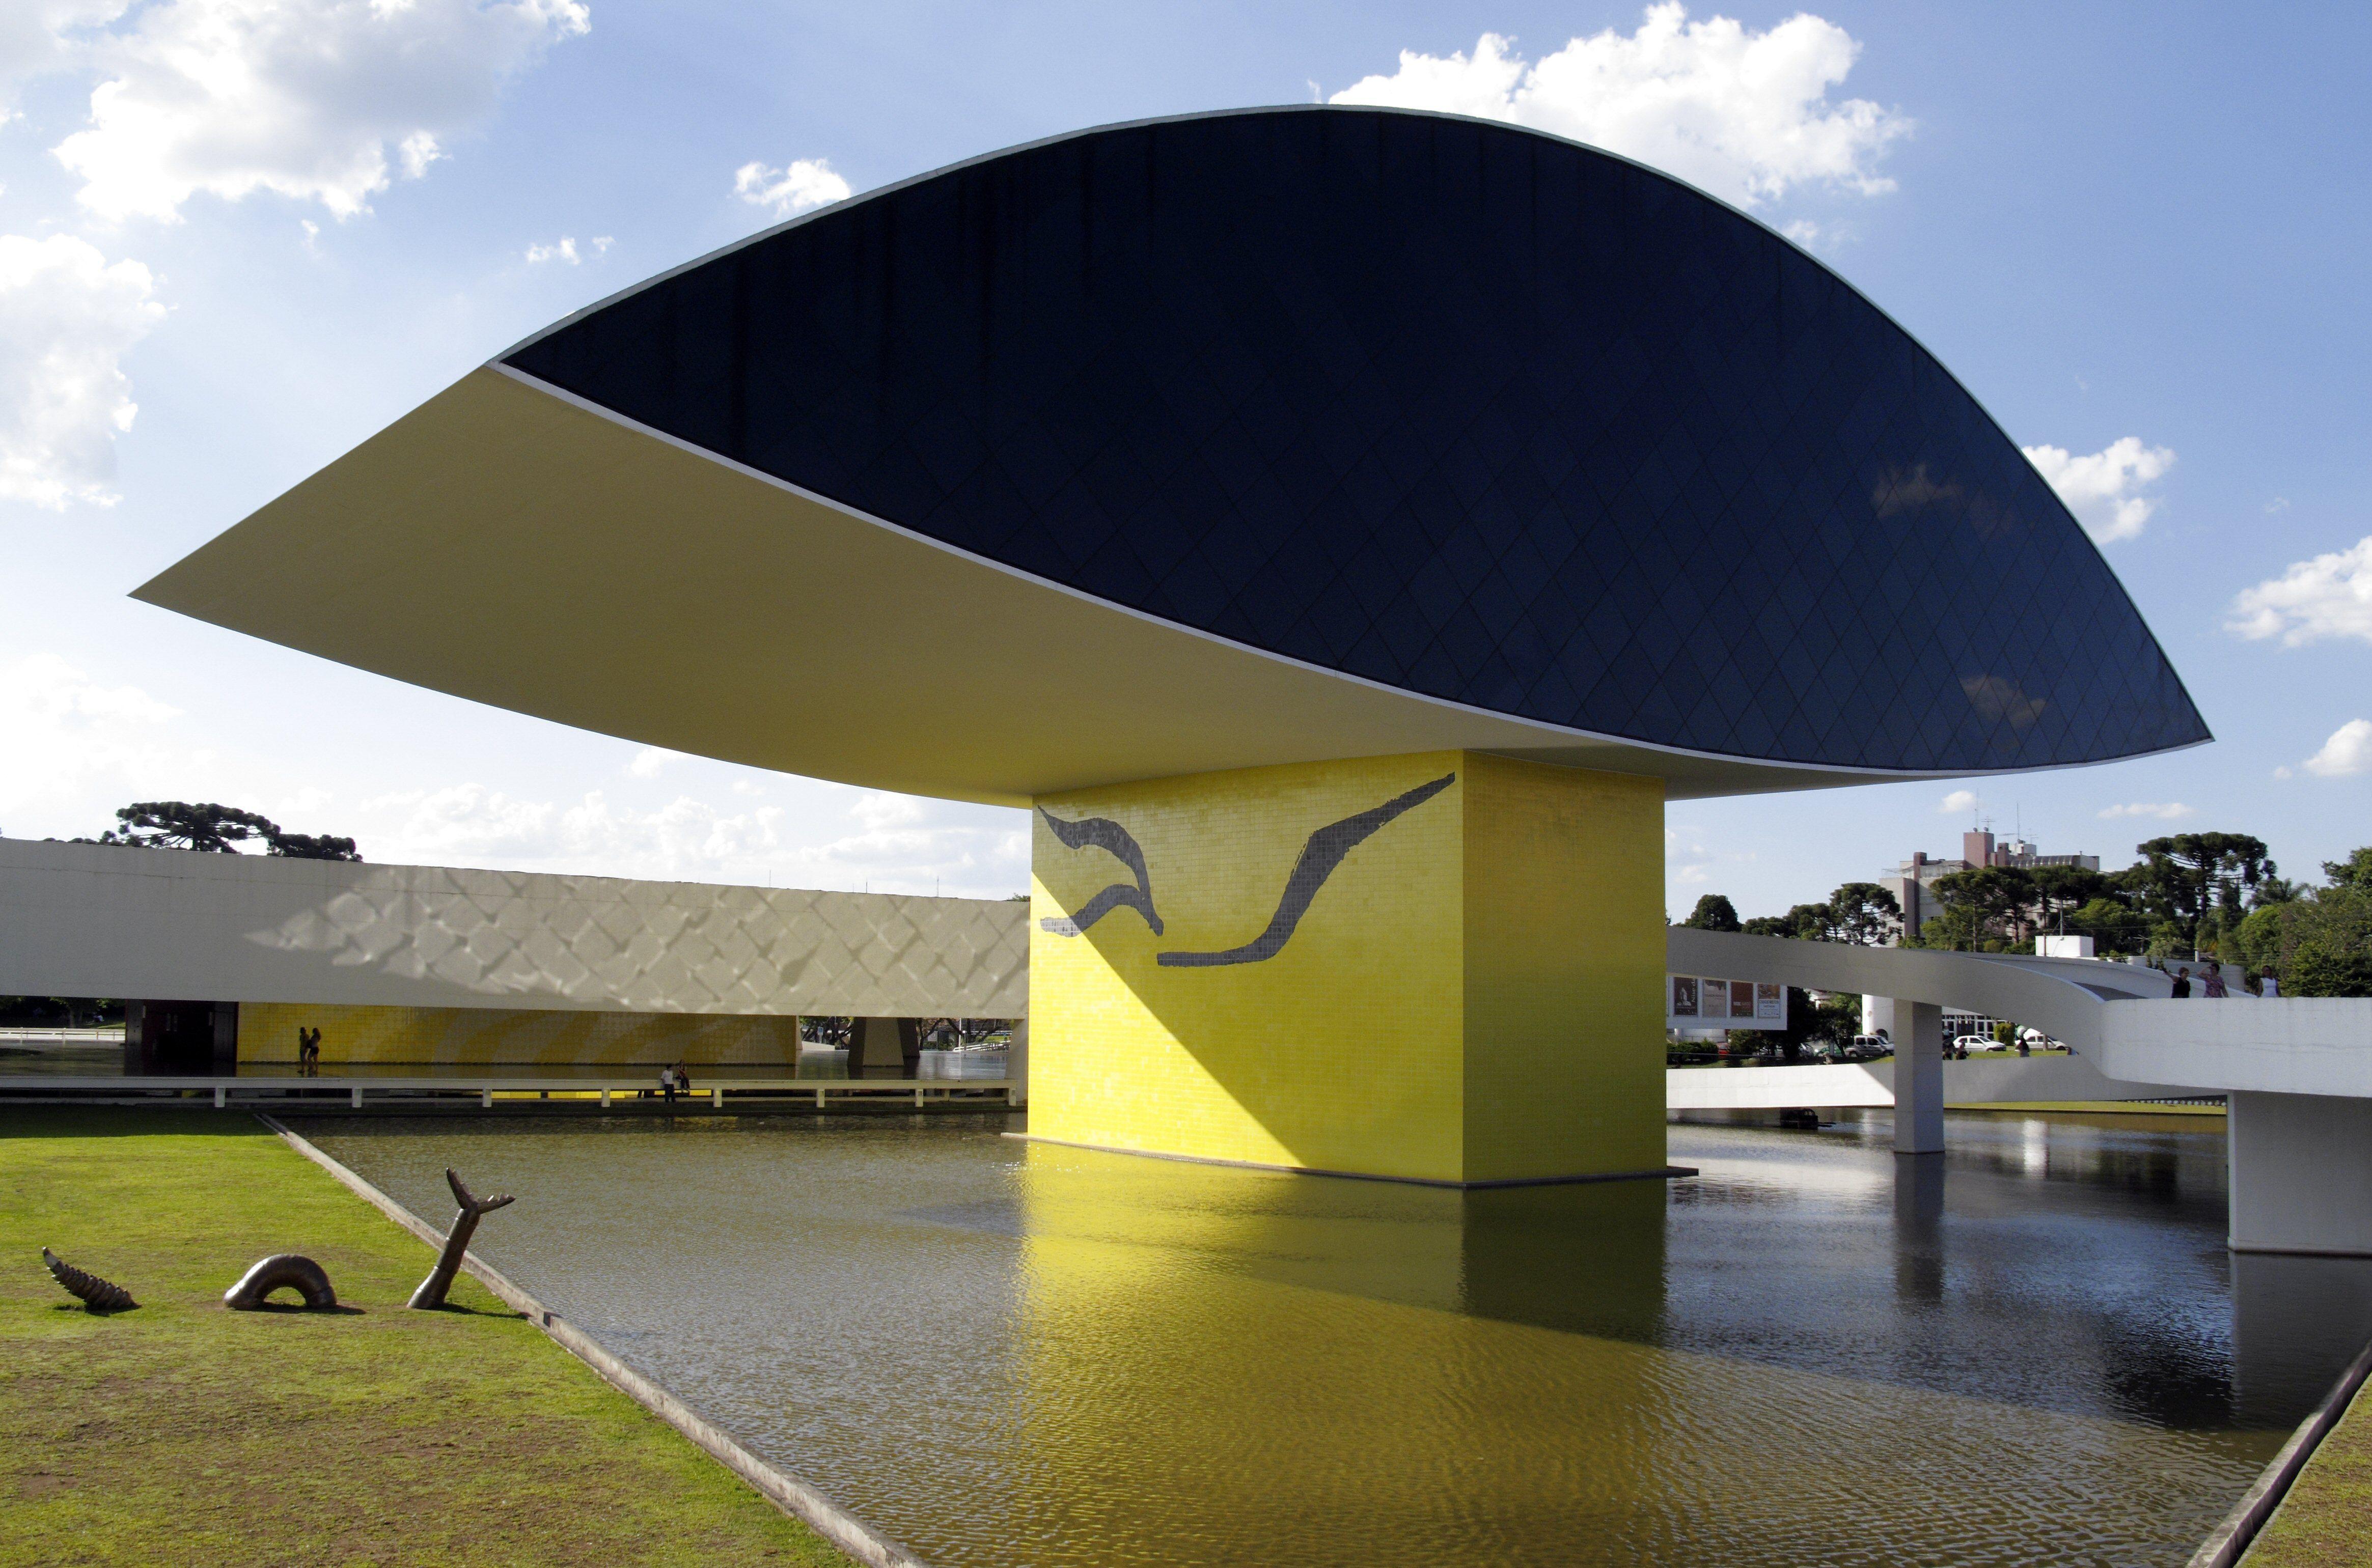 Oscar Niemeyer Museum in Curitiba, Brazil (the NovoMuseu). Oscar Niemeyer, architect